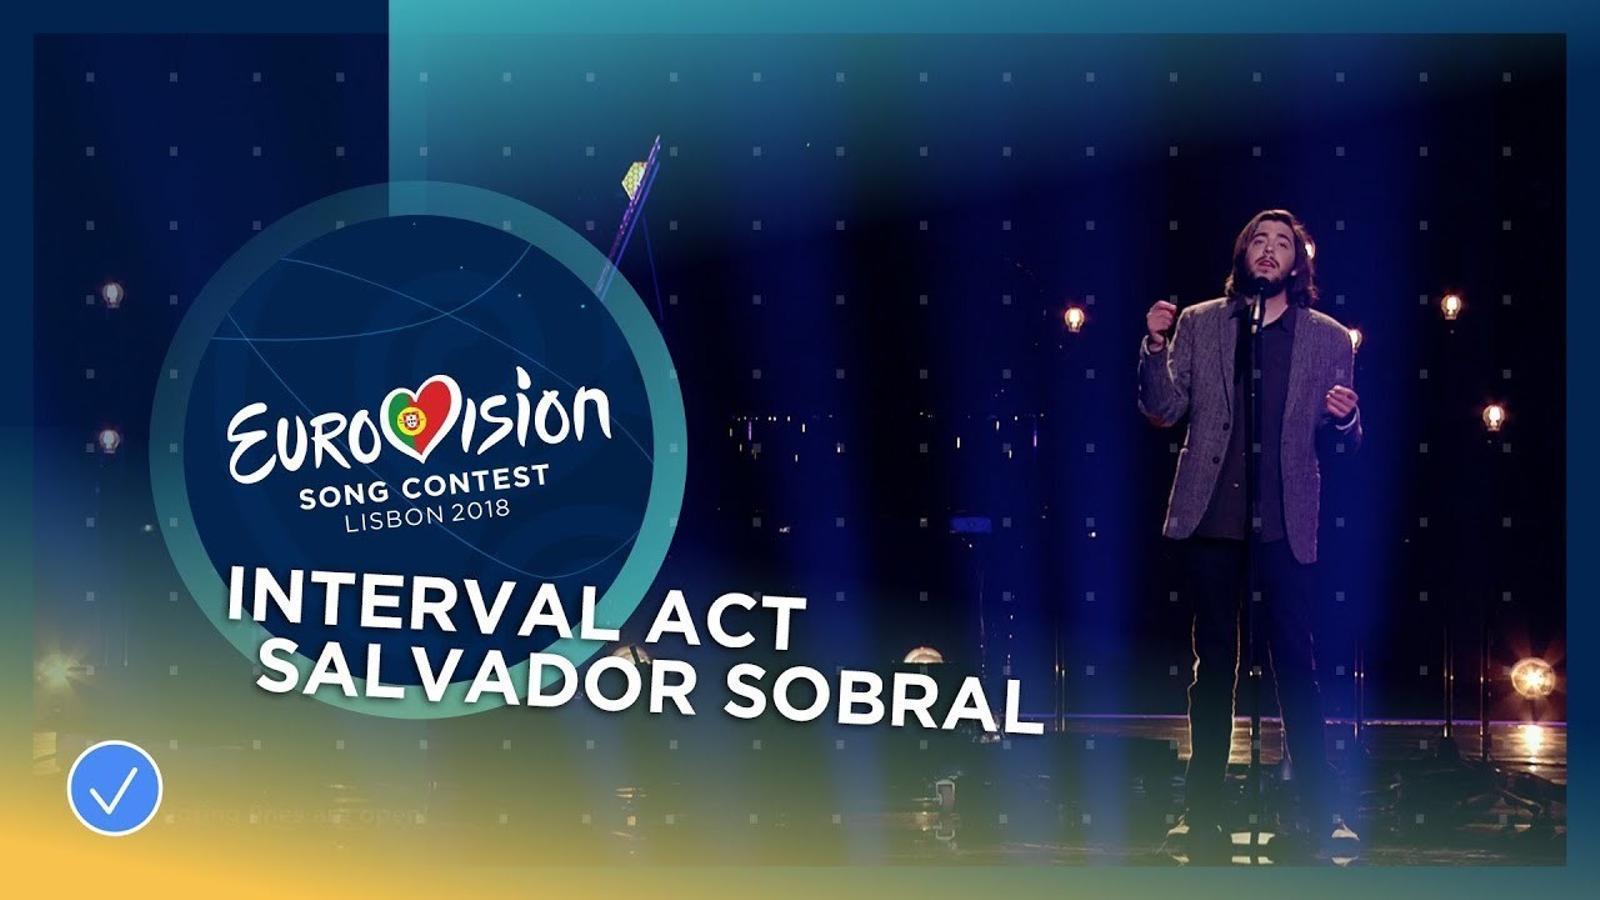 Salvador Sobral i Caetano Veloso